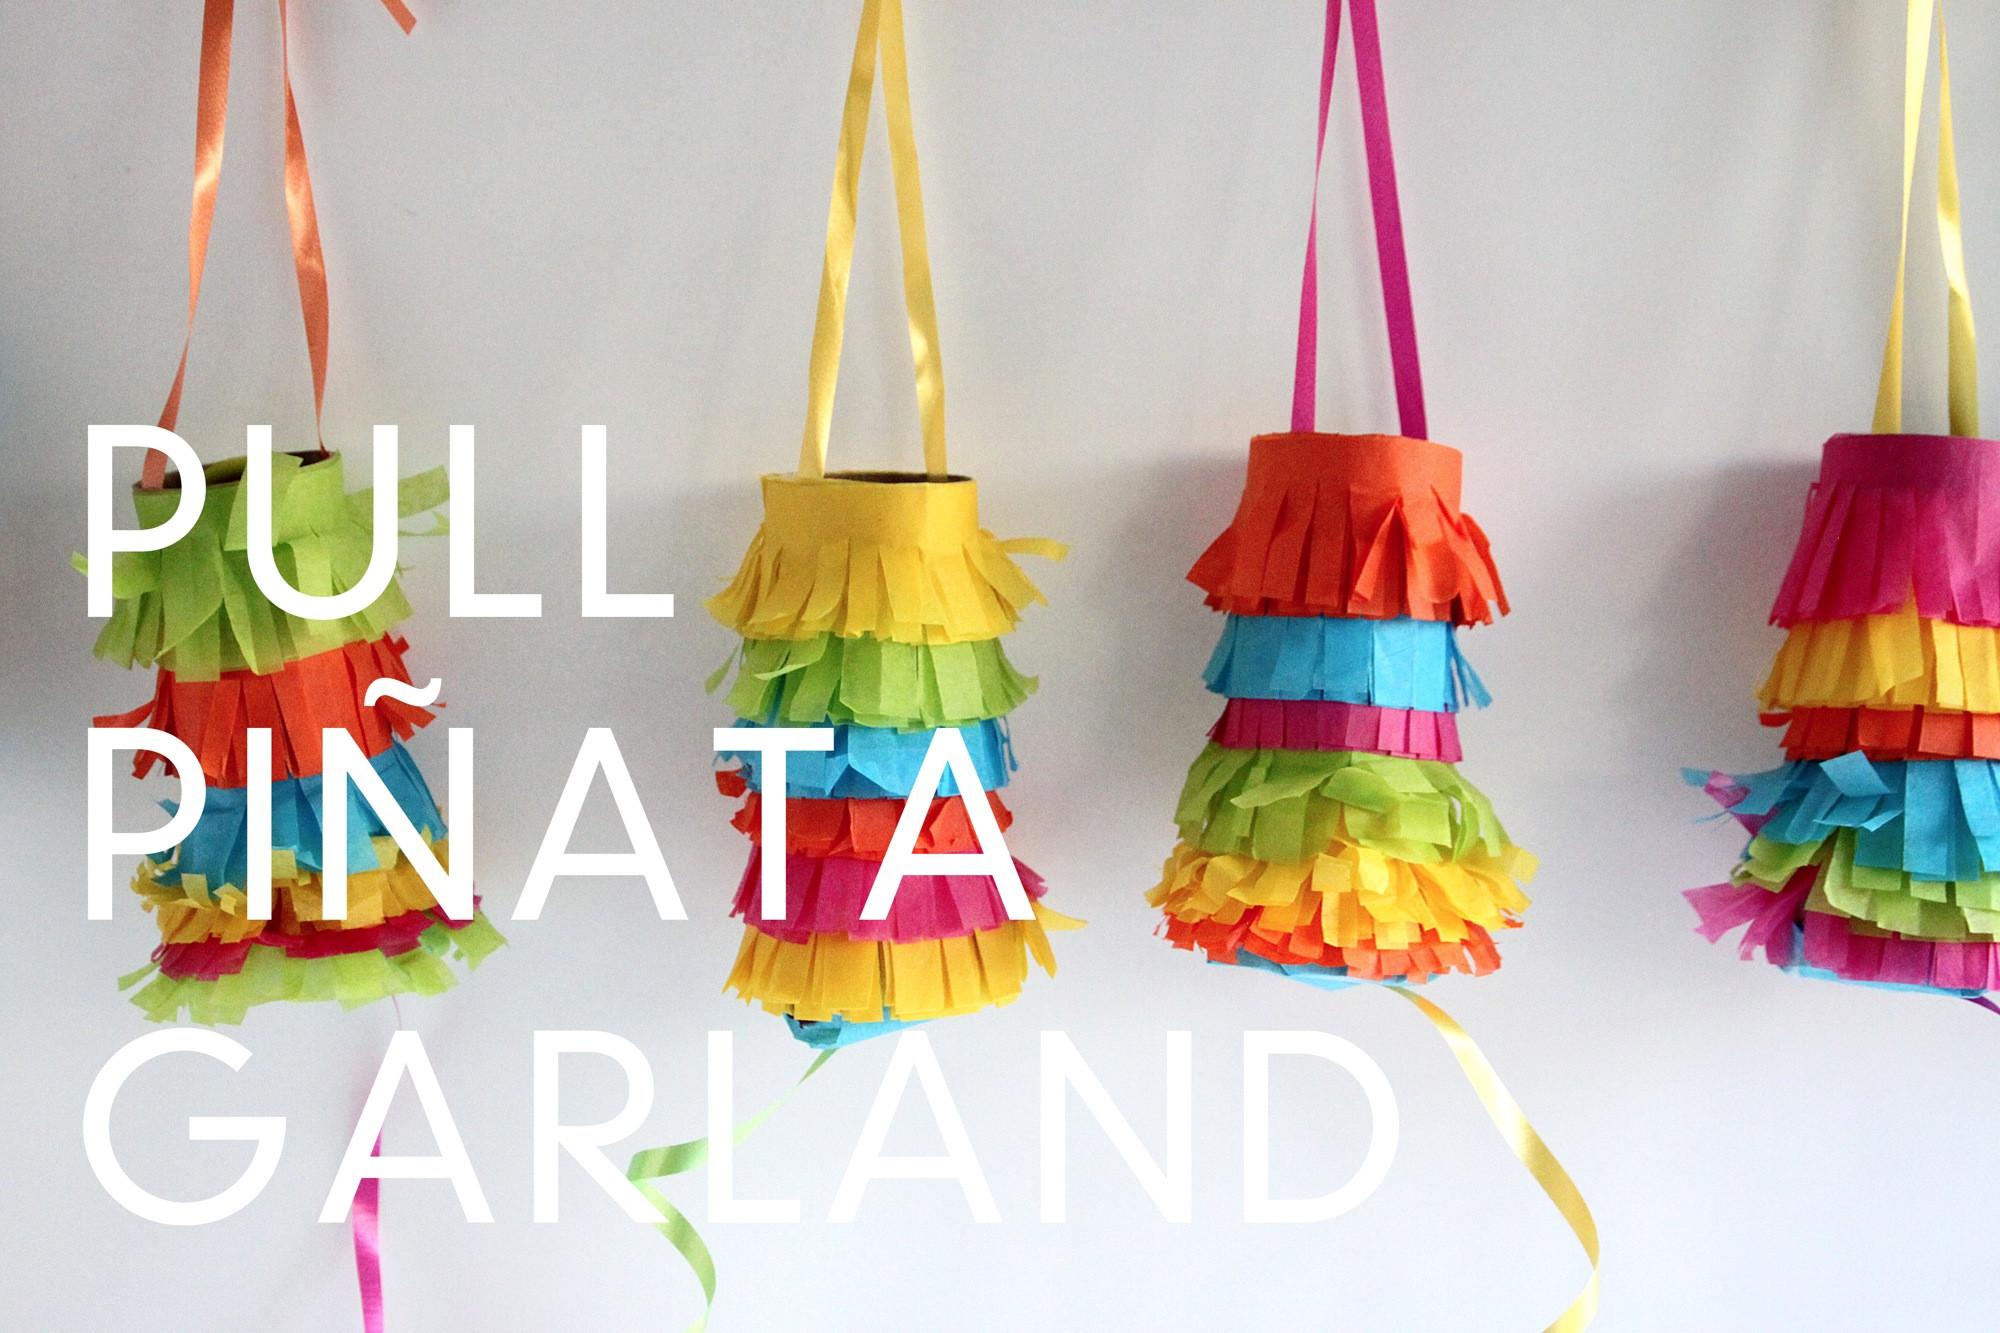 Pinata Diy  Make this Pull Piñata Garland